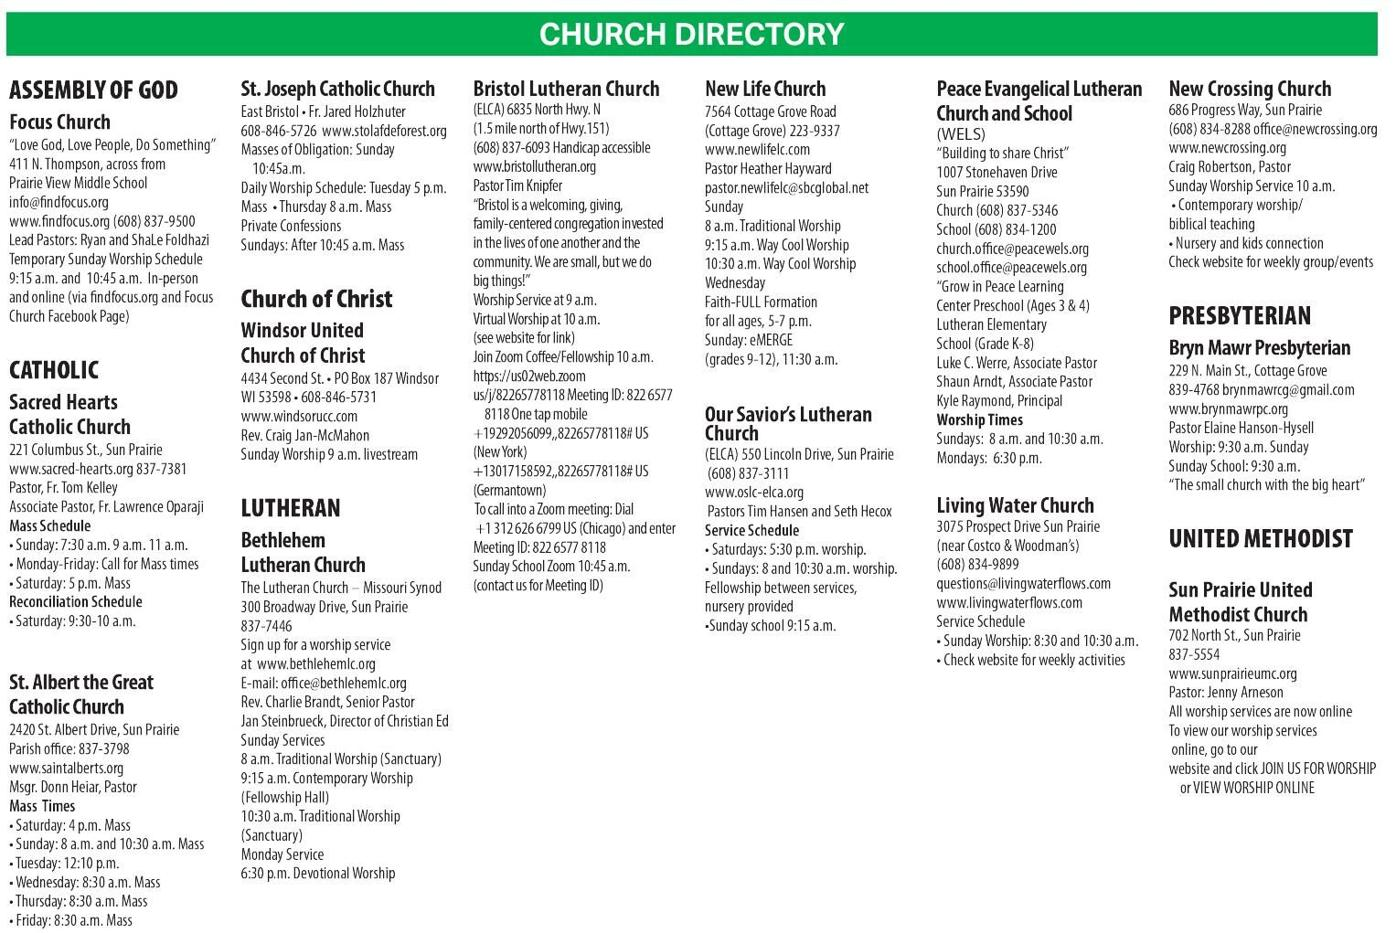 Sun Prairie church directory